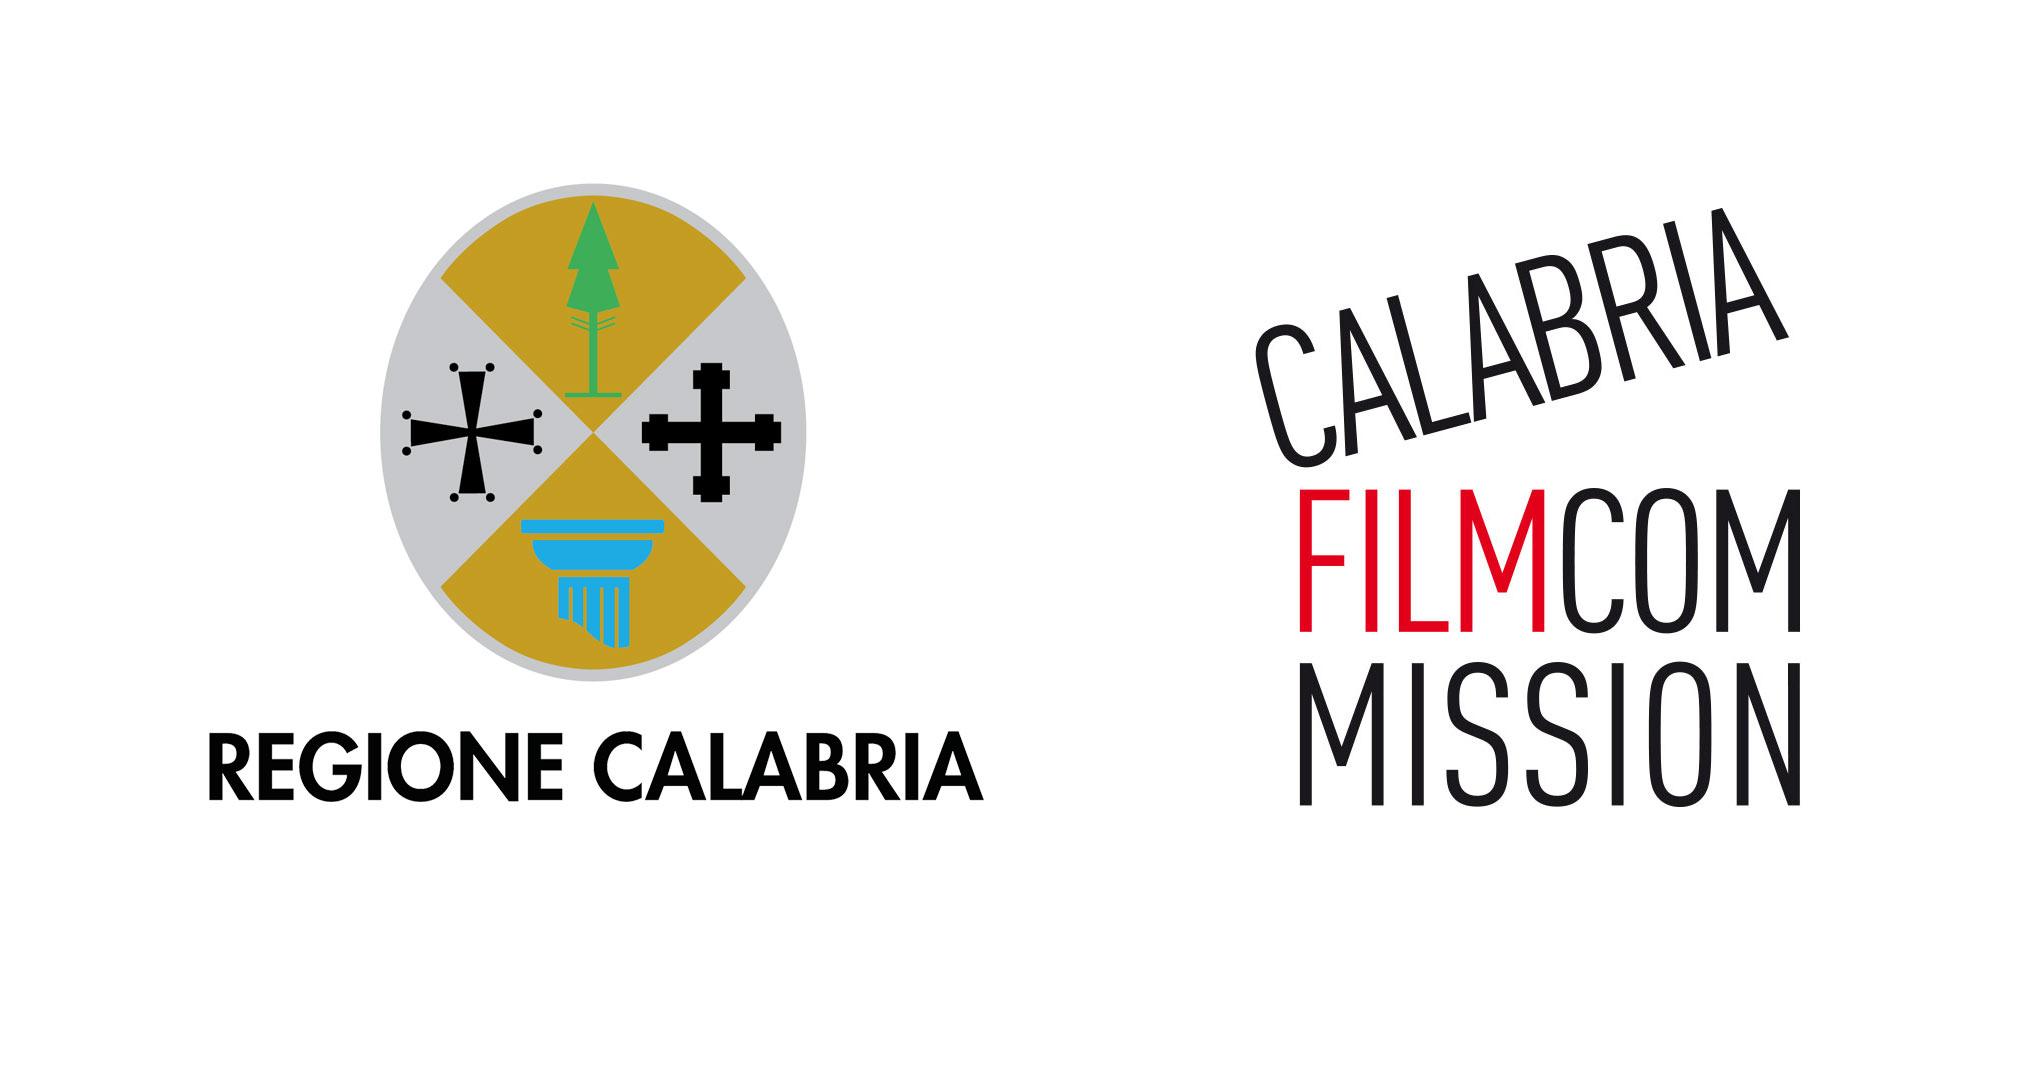 Avviso pubblico per la concessione di contributi per l'attrazione e il sostegno di produzioni audiovisive e cinematografiche nazionali ed internazionali nel territorio della Regione Calabria